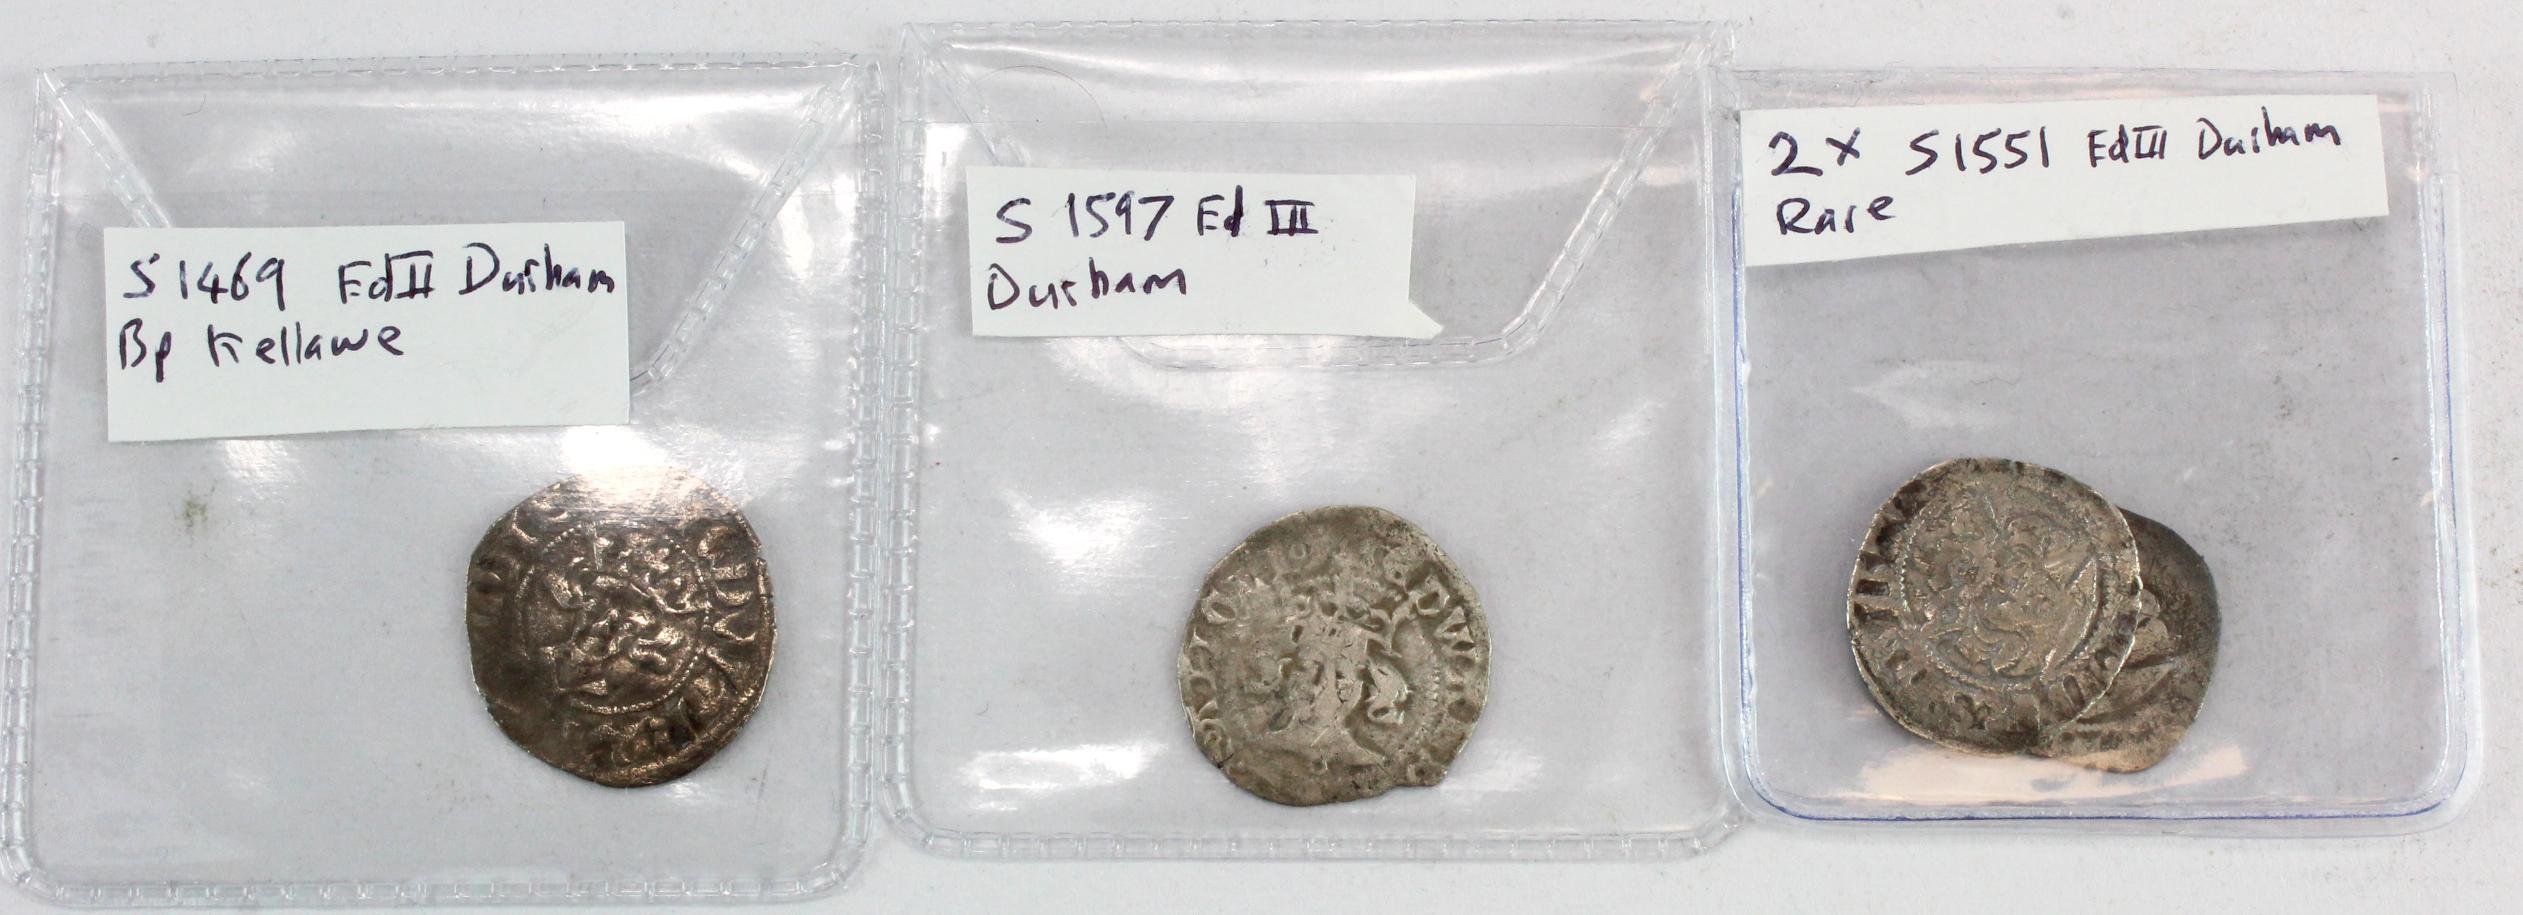 Edward II & III, Durham Mint Pennies (4): Ed II, Bishop Kellawe, crosier on rev., type 13, S.1469,